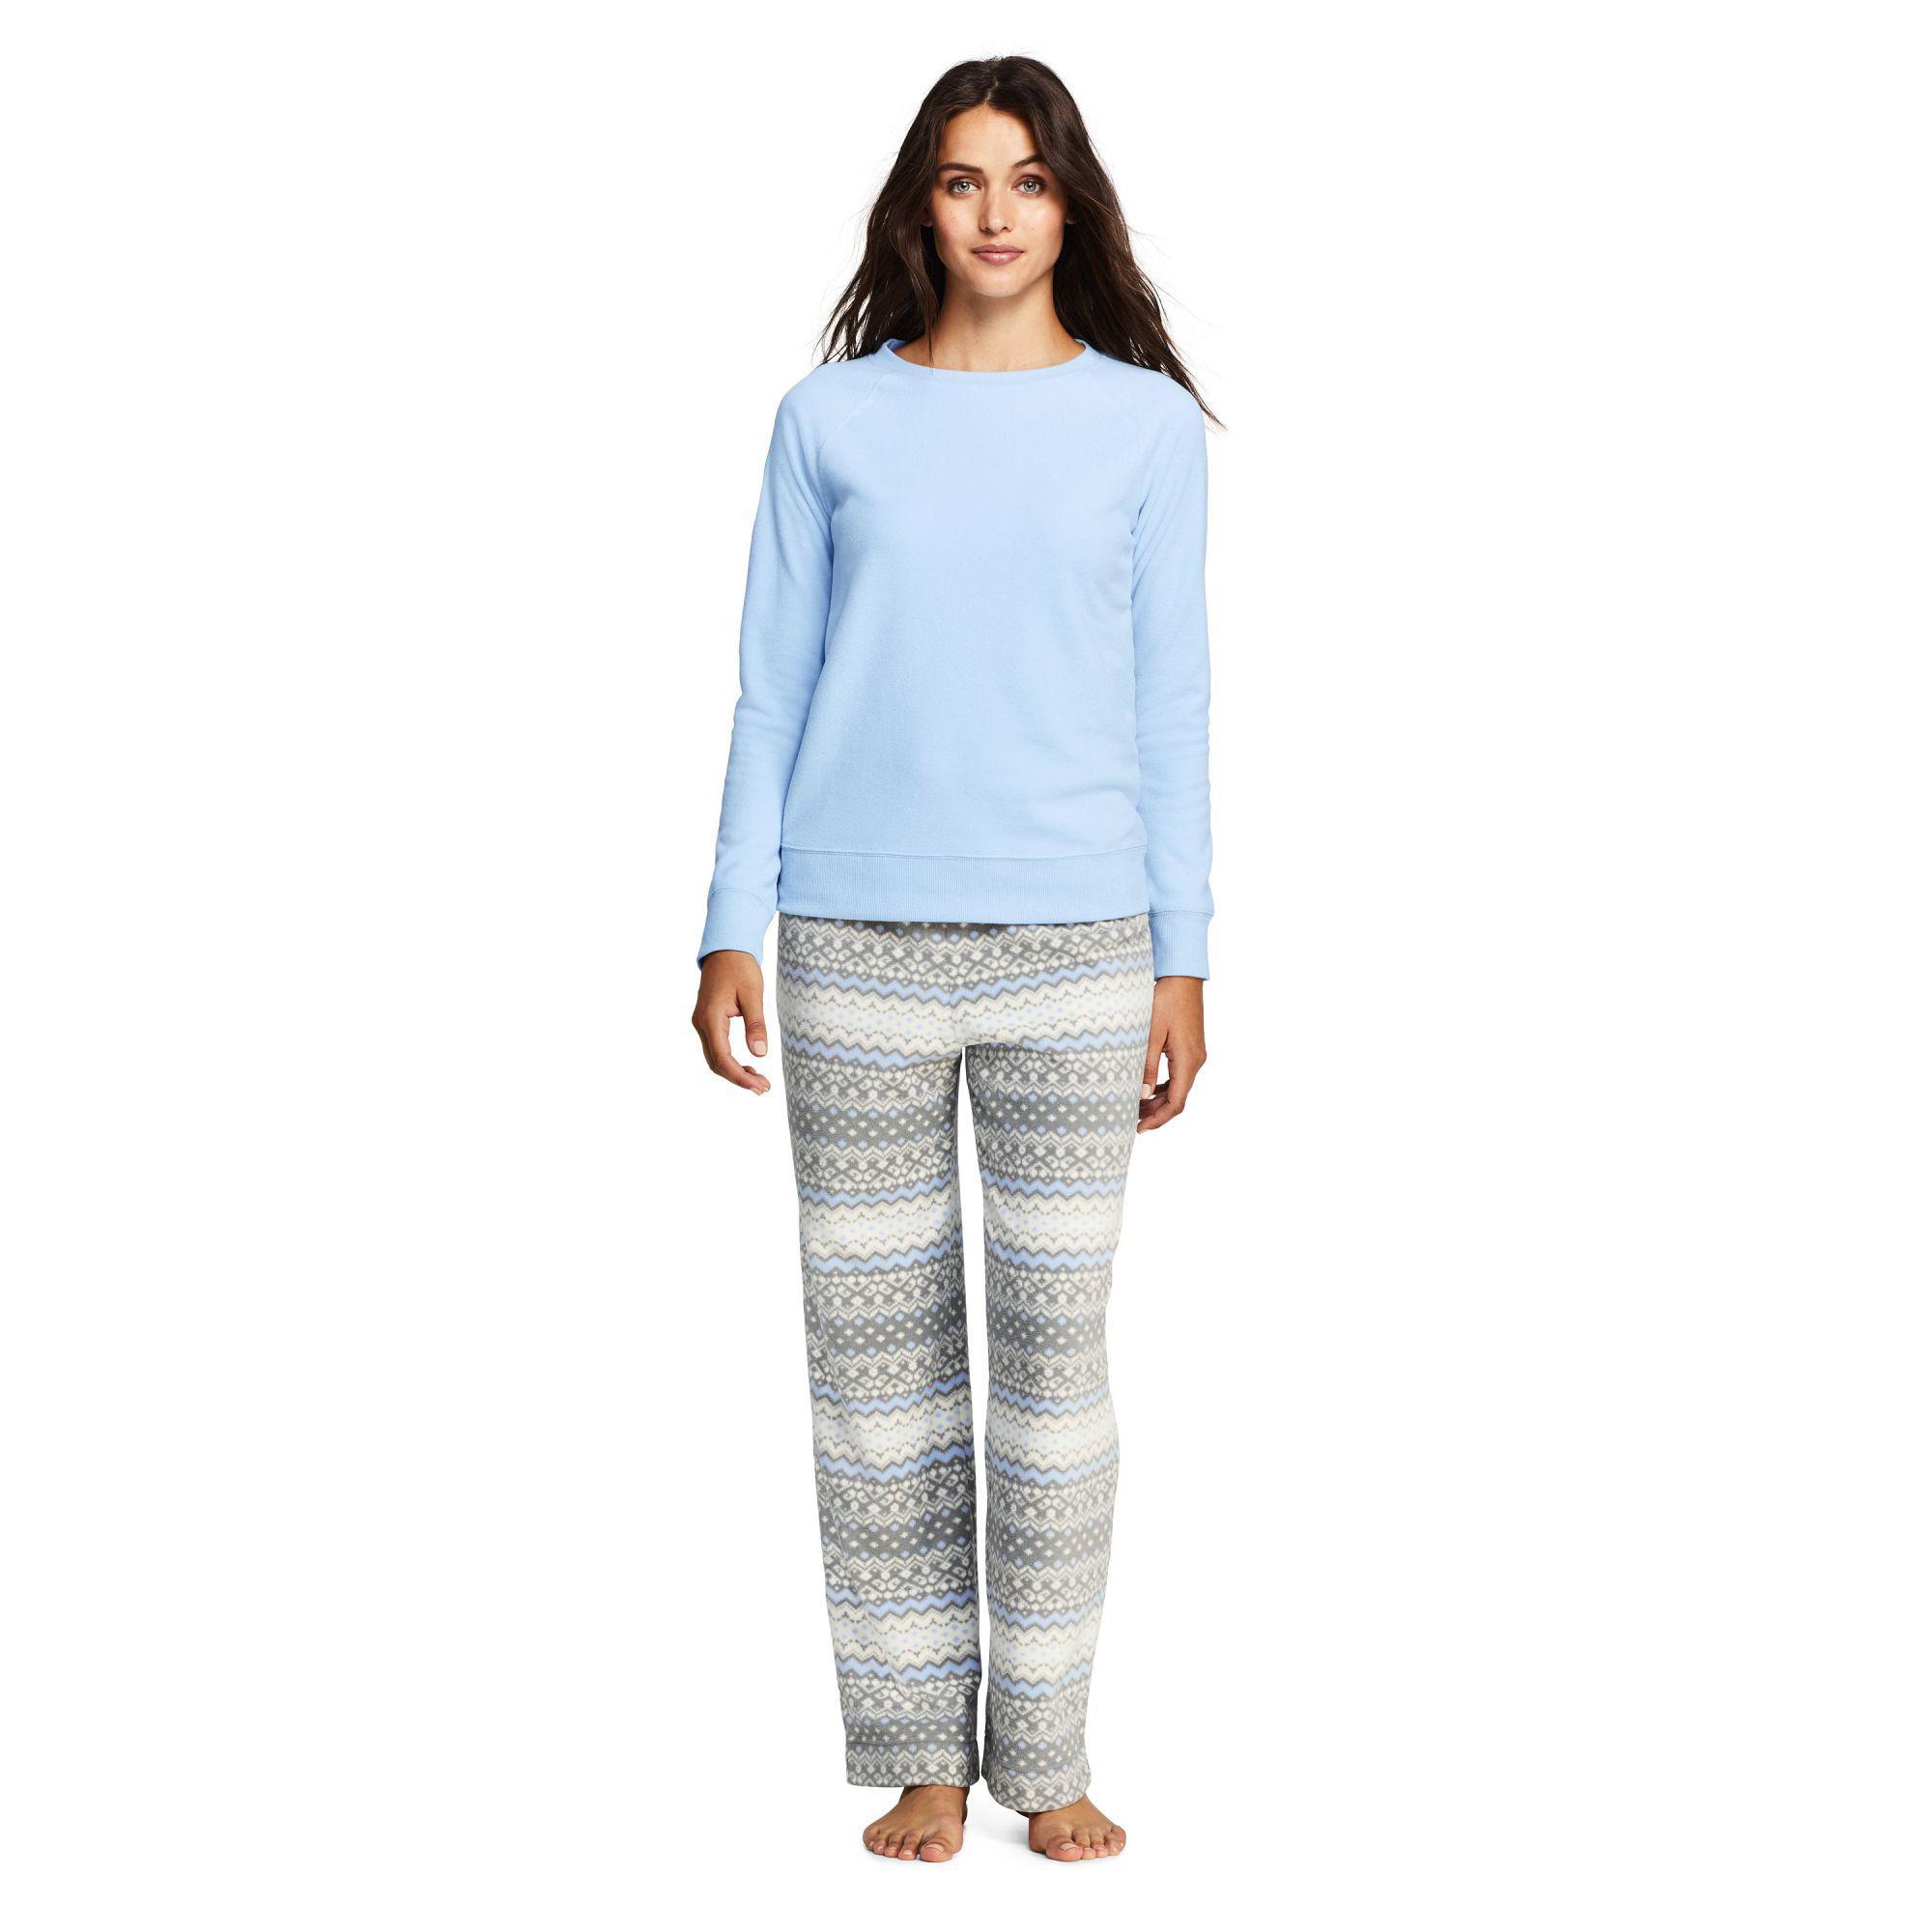 e84cdf0a37 Lands  End Multi Petite Fleece Pyjama Set in Blue - Lyst